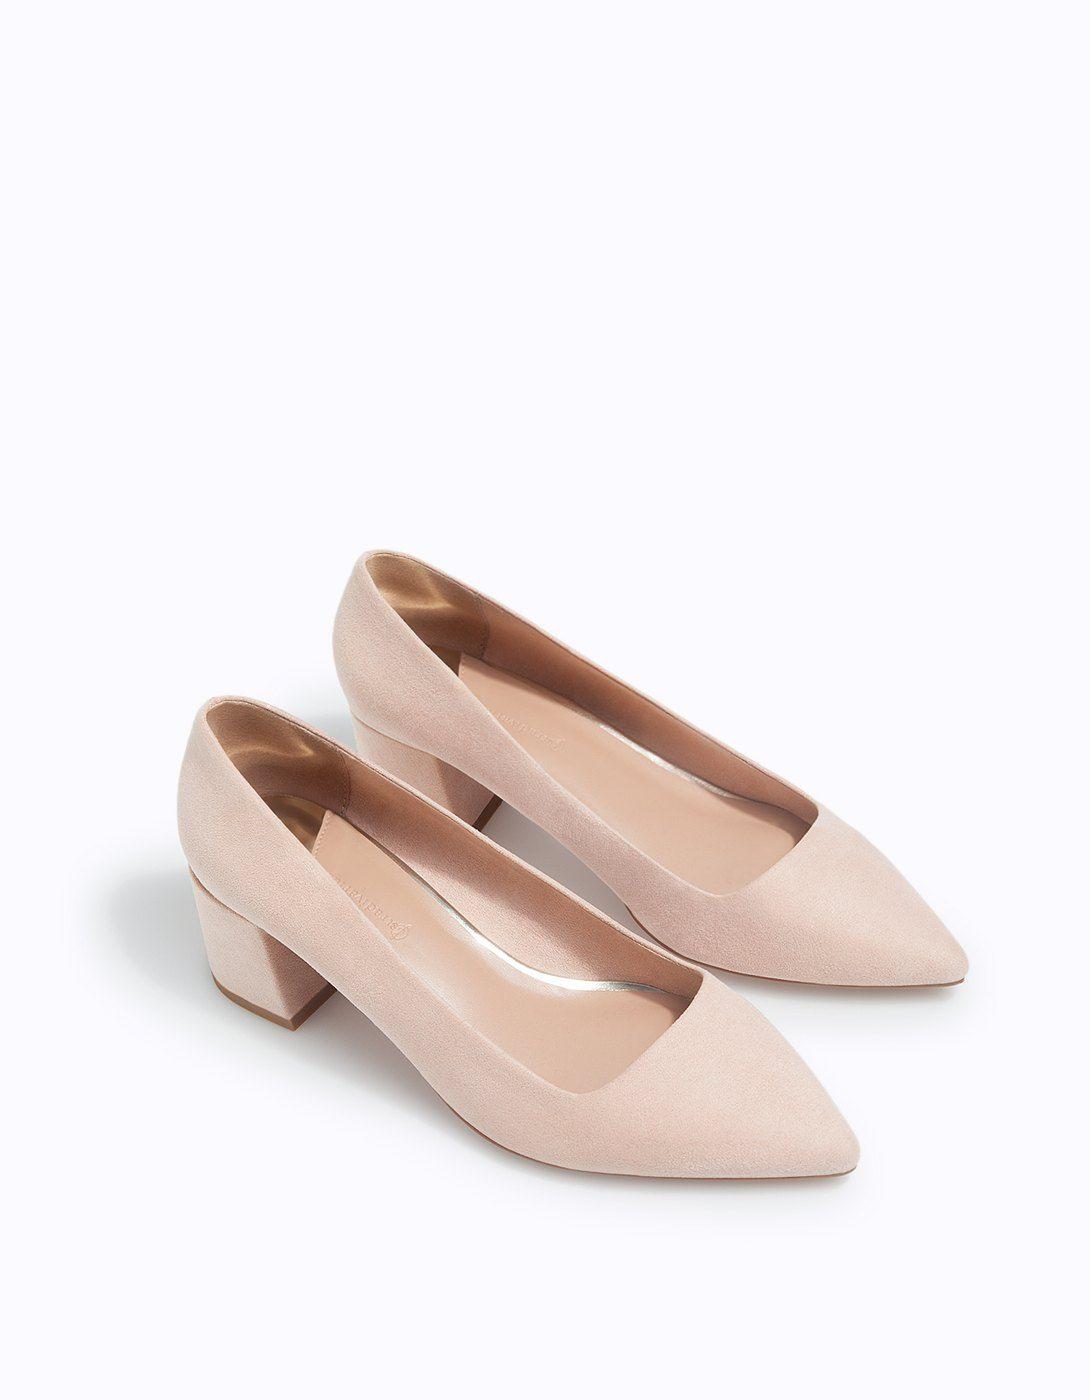 1fe975a83b1 Na Stradivarius encontrarás 1 Sapatos salto médio por apenas 19.95 Portugal  . Entra agora e descobre-o juntamente com mais Todos.